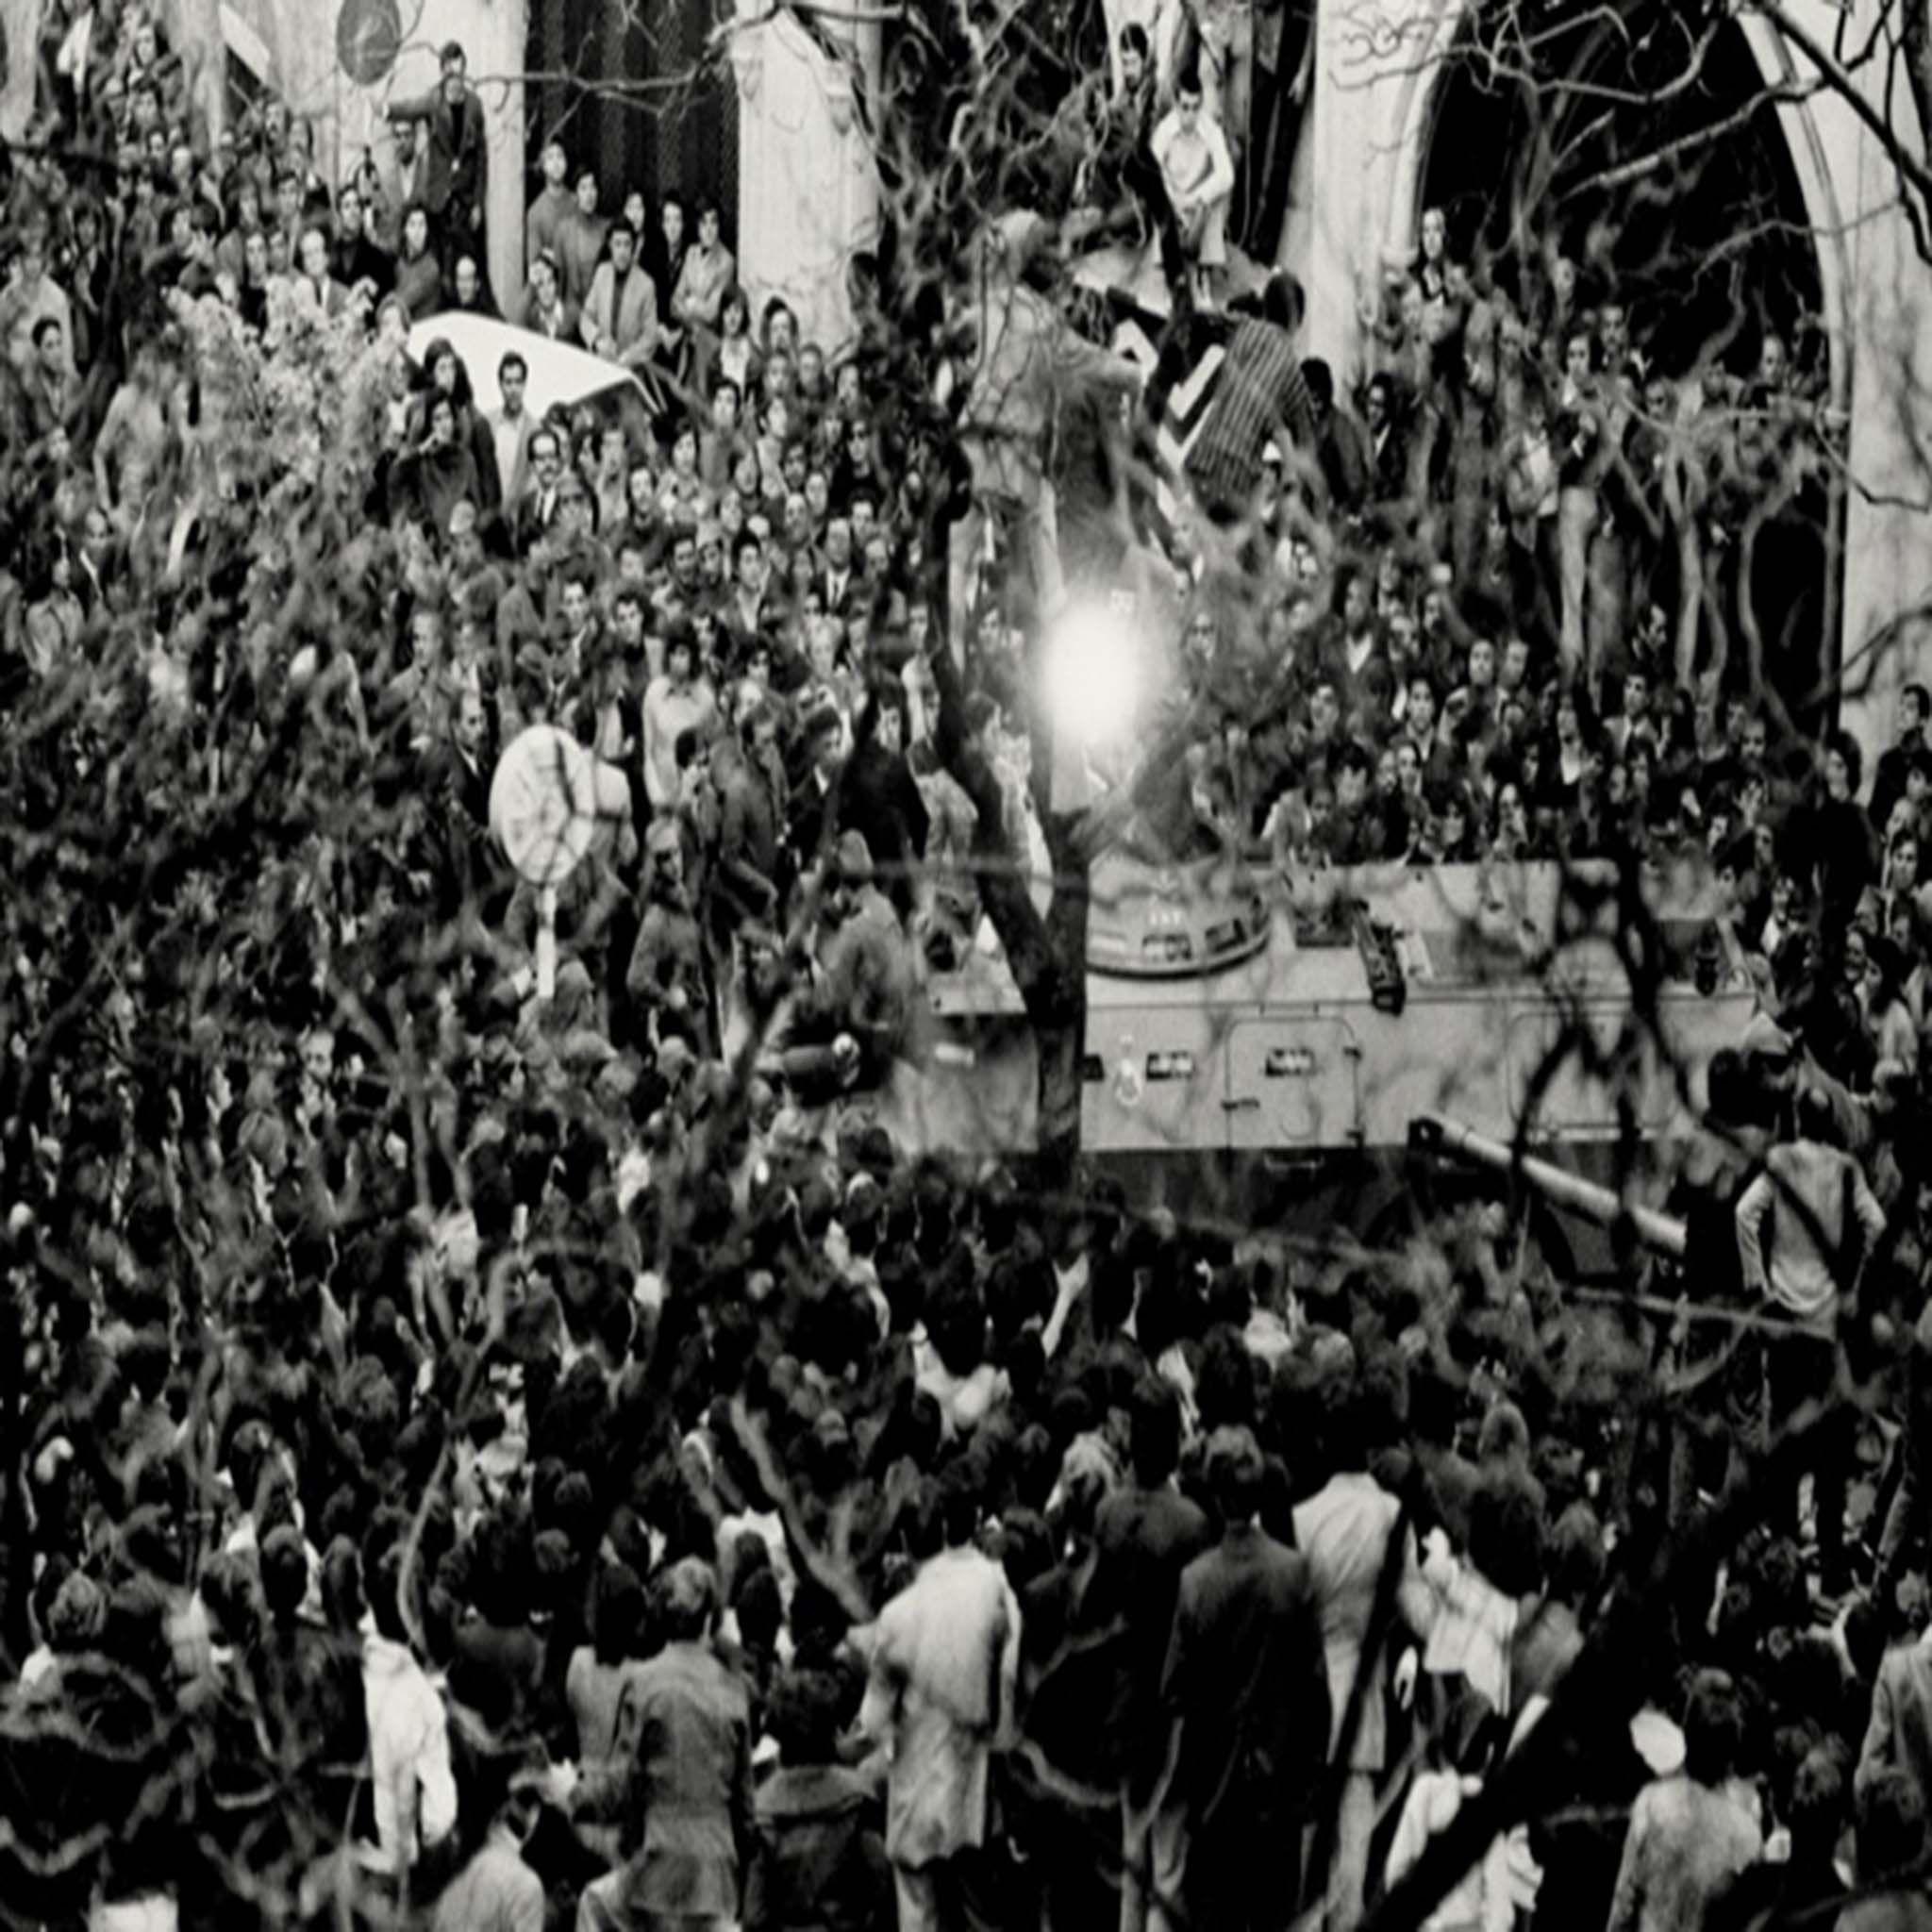 Portugal- Revolução dos Cravos